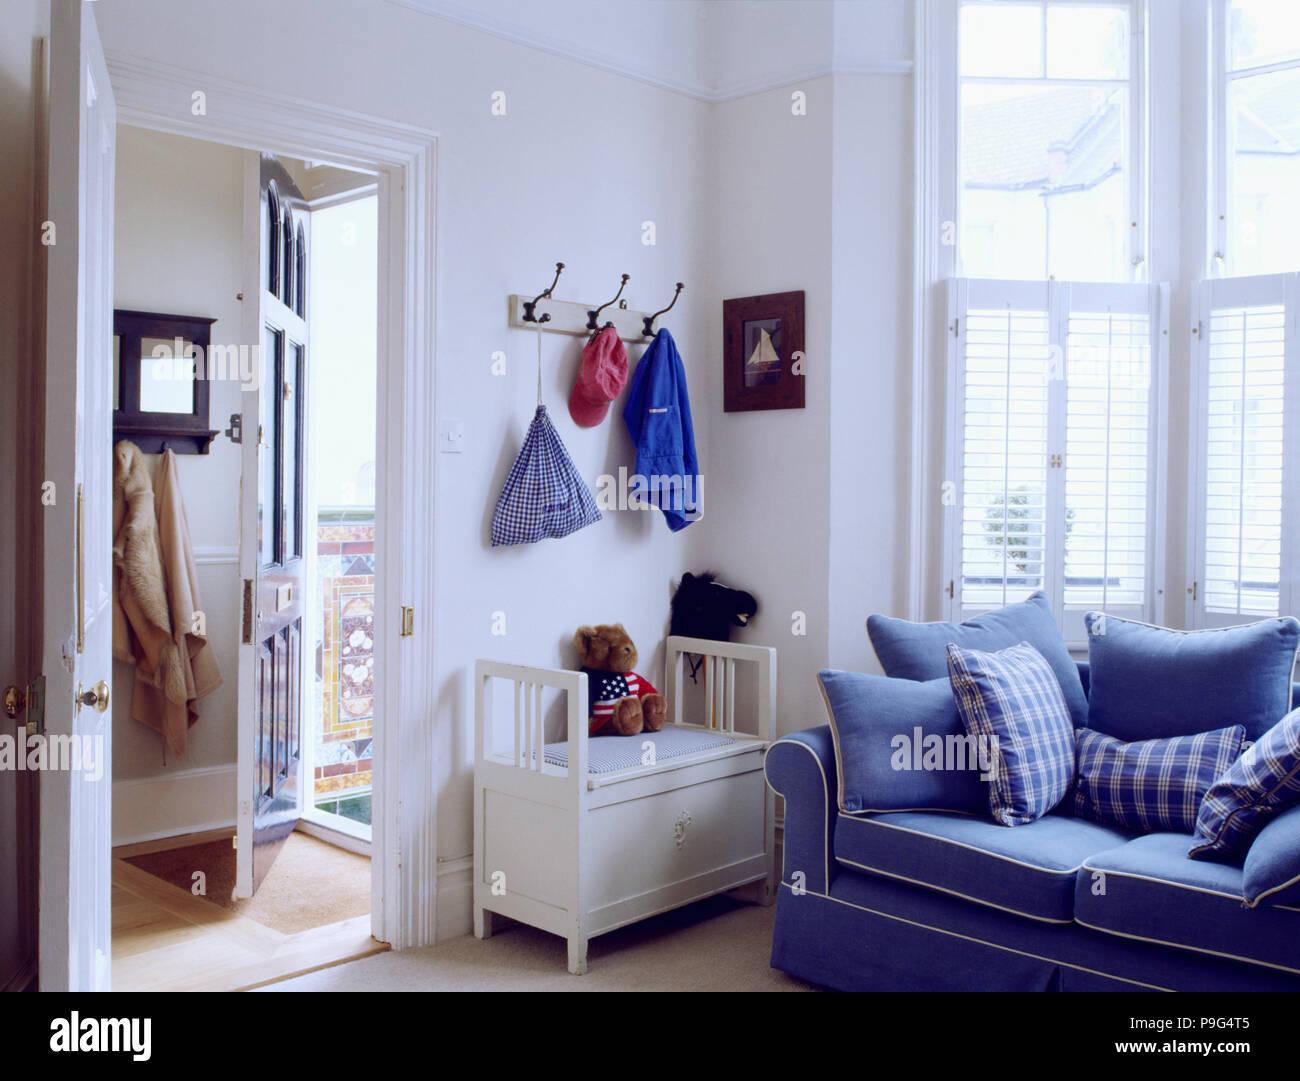 Blaues Sofa   Blaues Sofa Und Weiss Spielzeug Truhe In Familie Wohnzimmer Mit